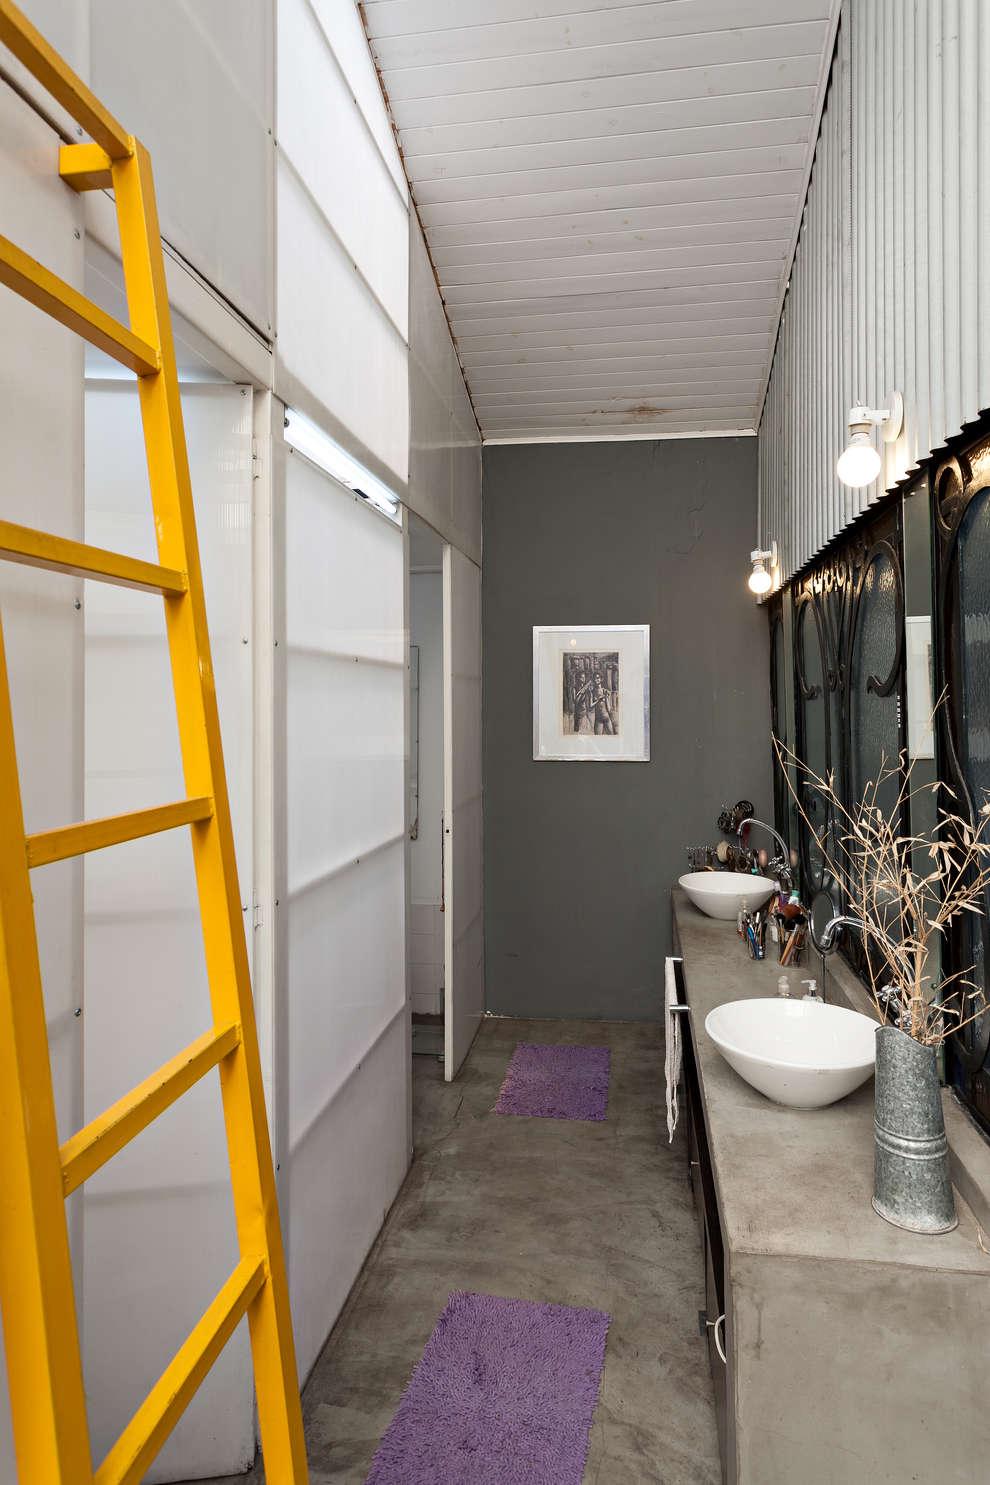 Galpón Lola: Baños de estilo industrial por Pop Arq